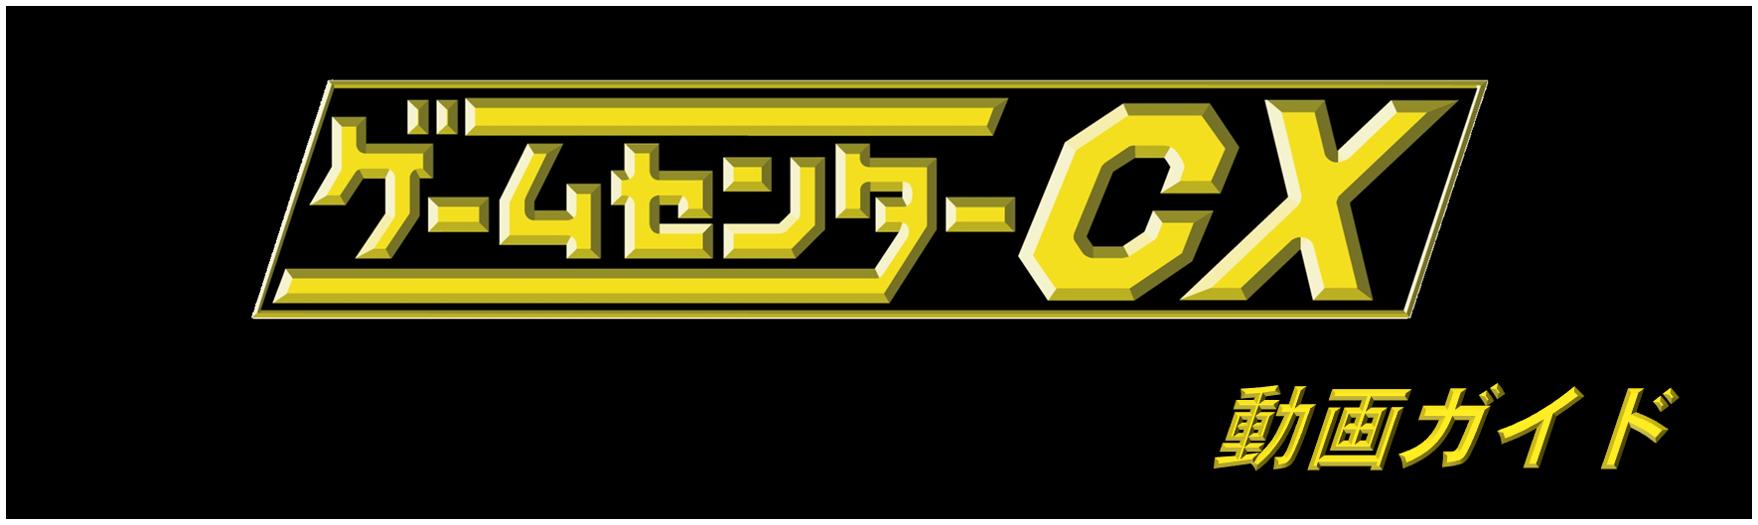 ゲームセンターCXガイド